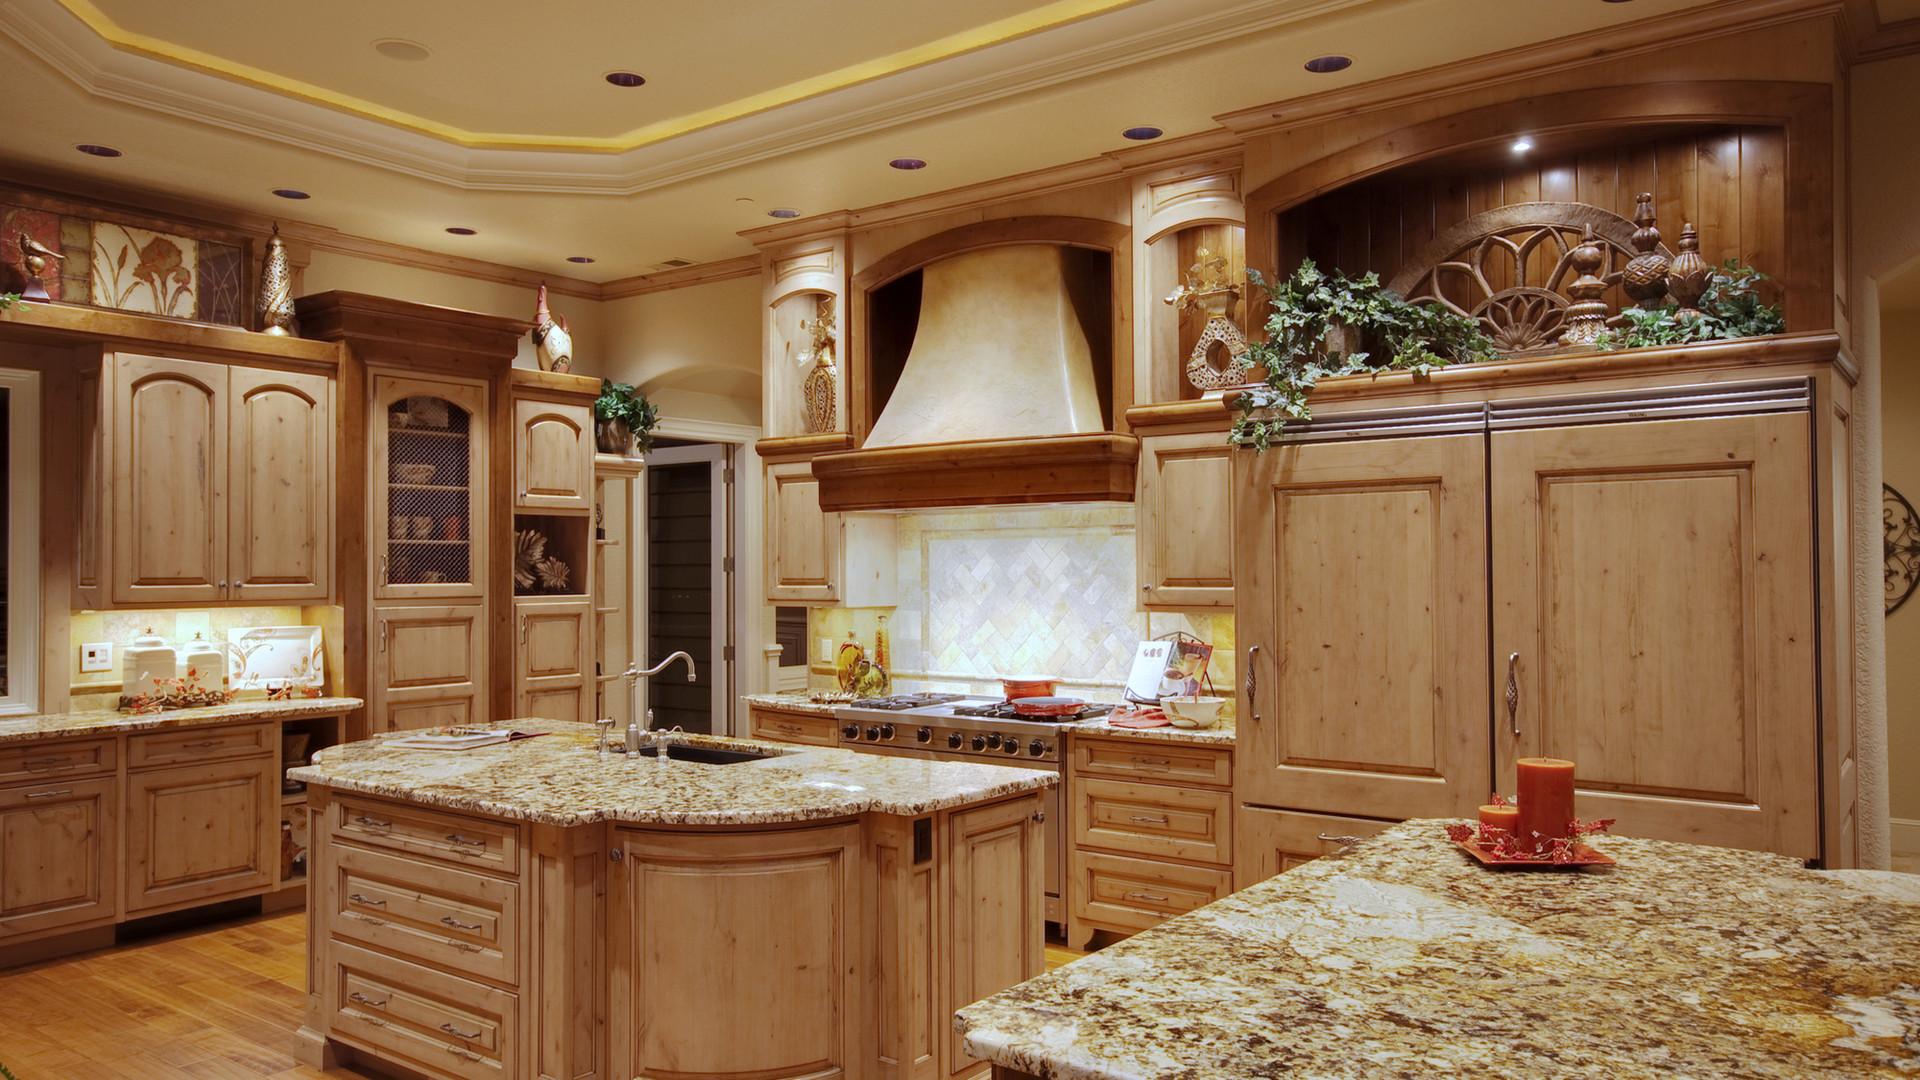 luxury-kitchen-19646925.jpg